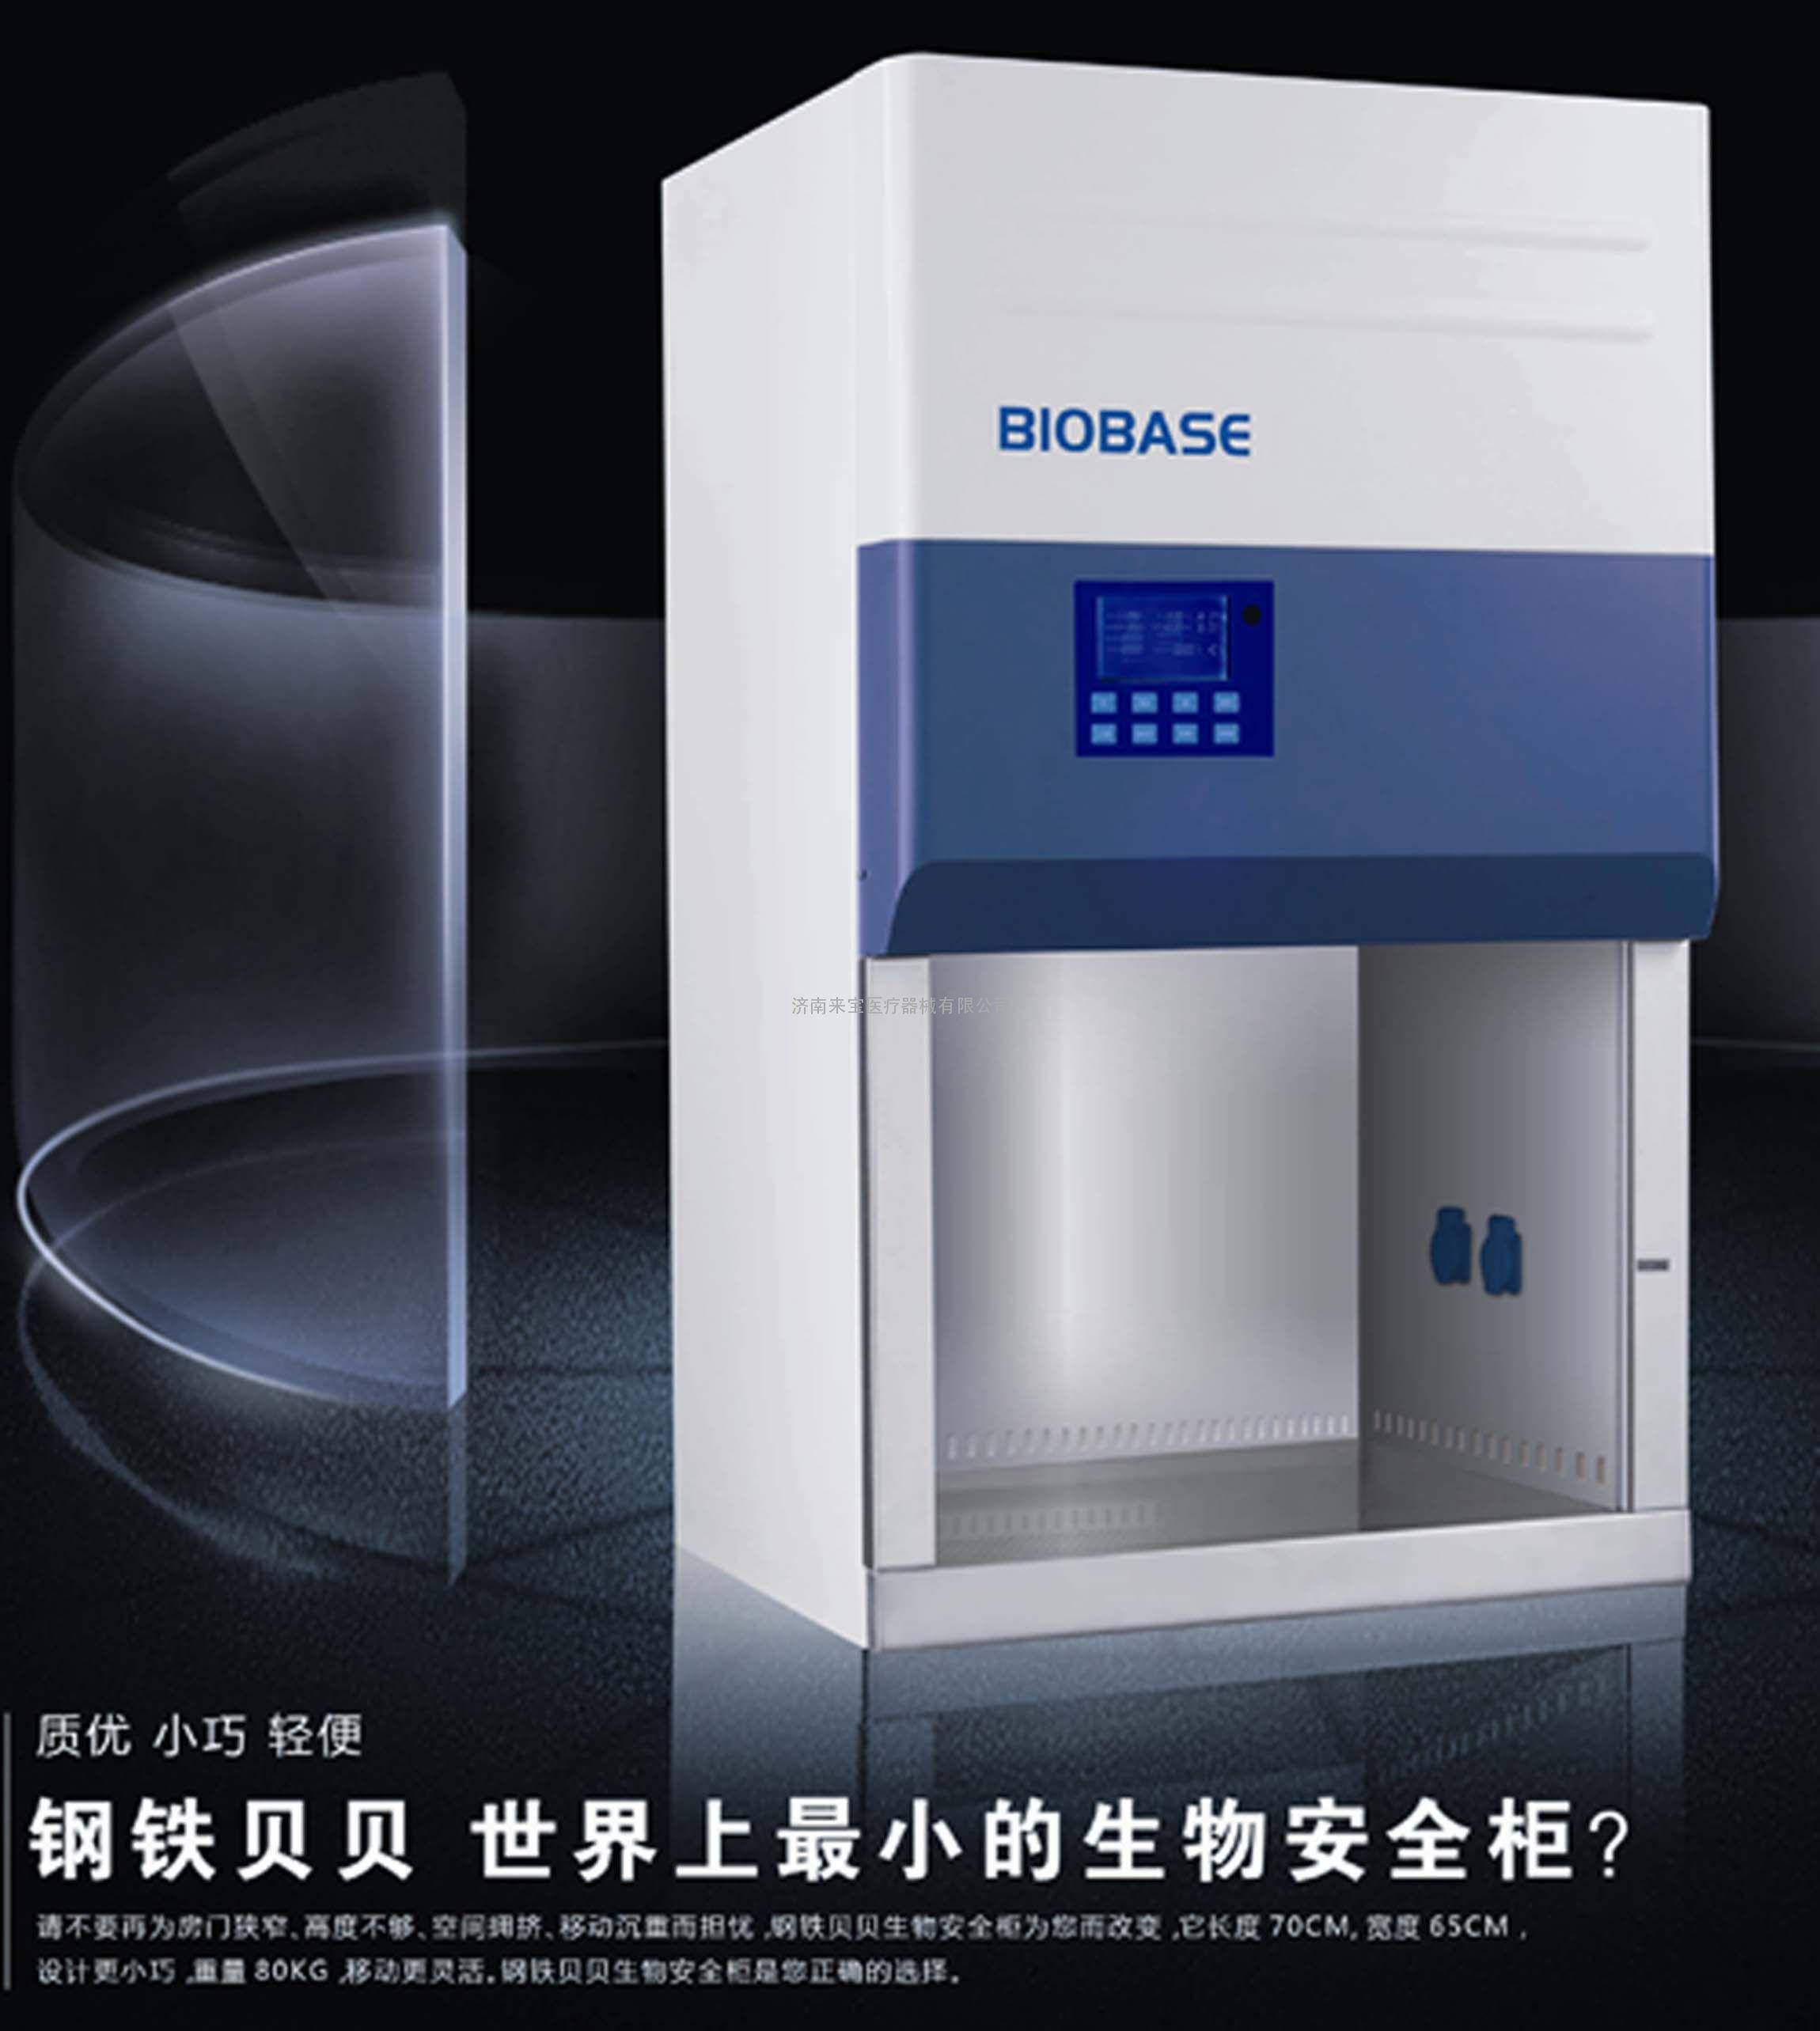 BIOBASE生物安全柜生产厂家